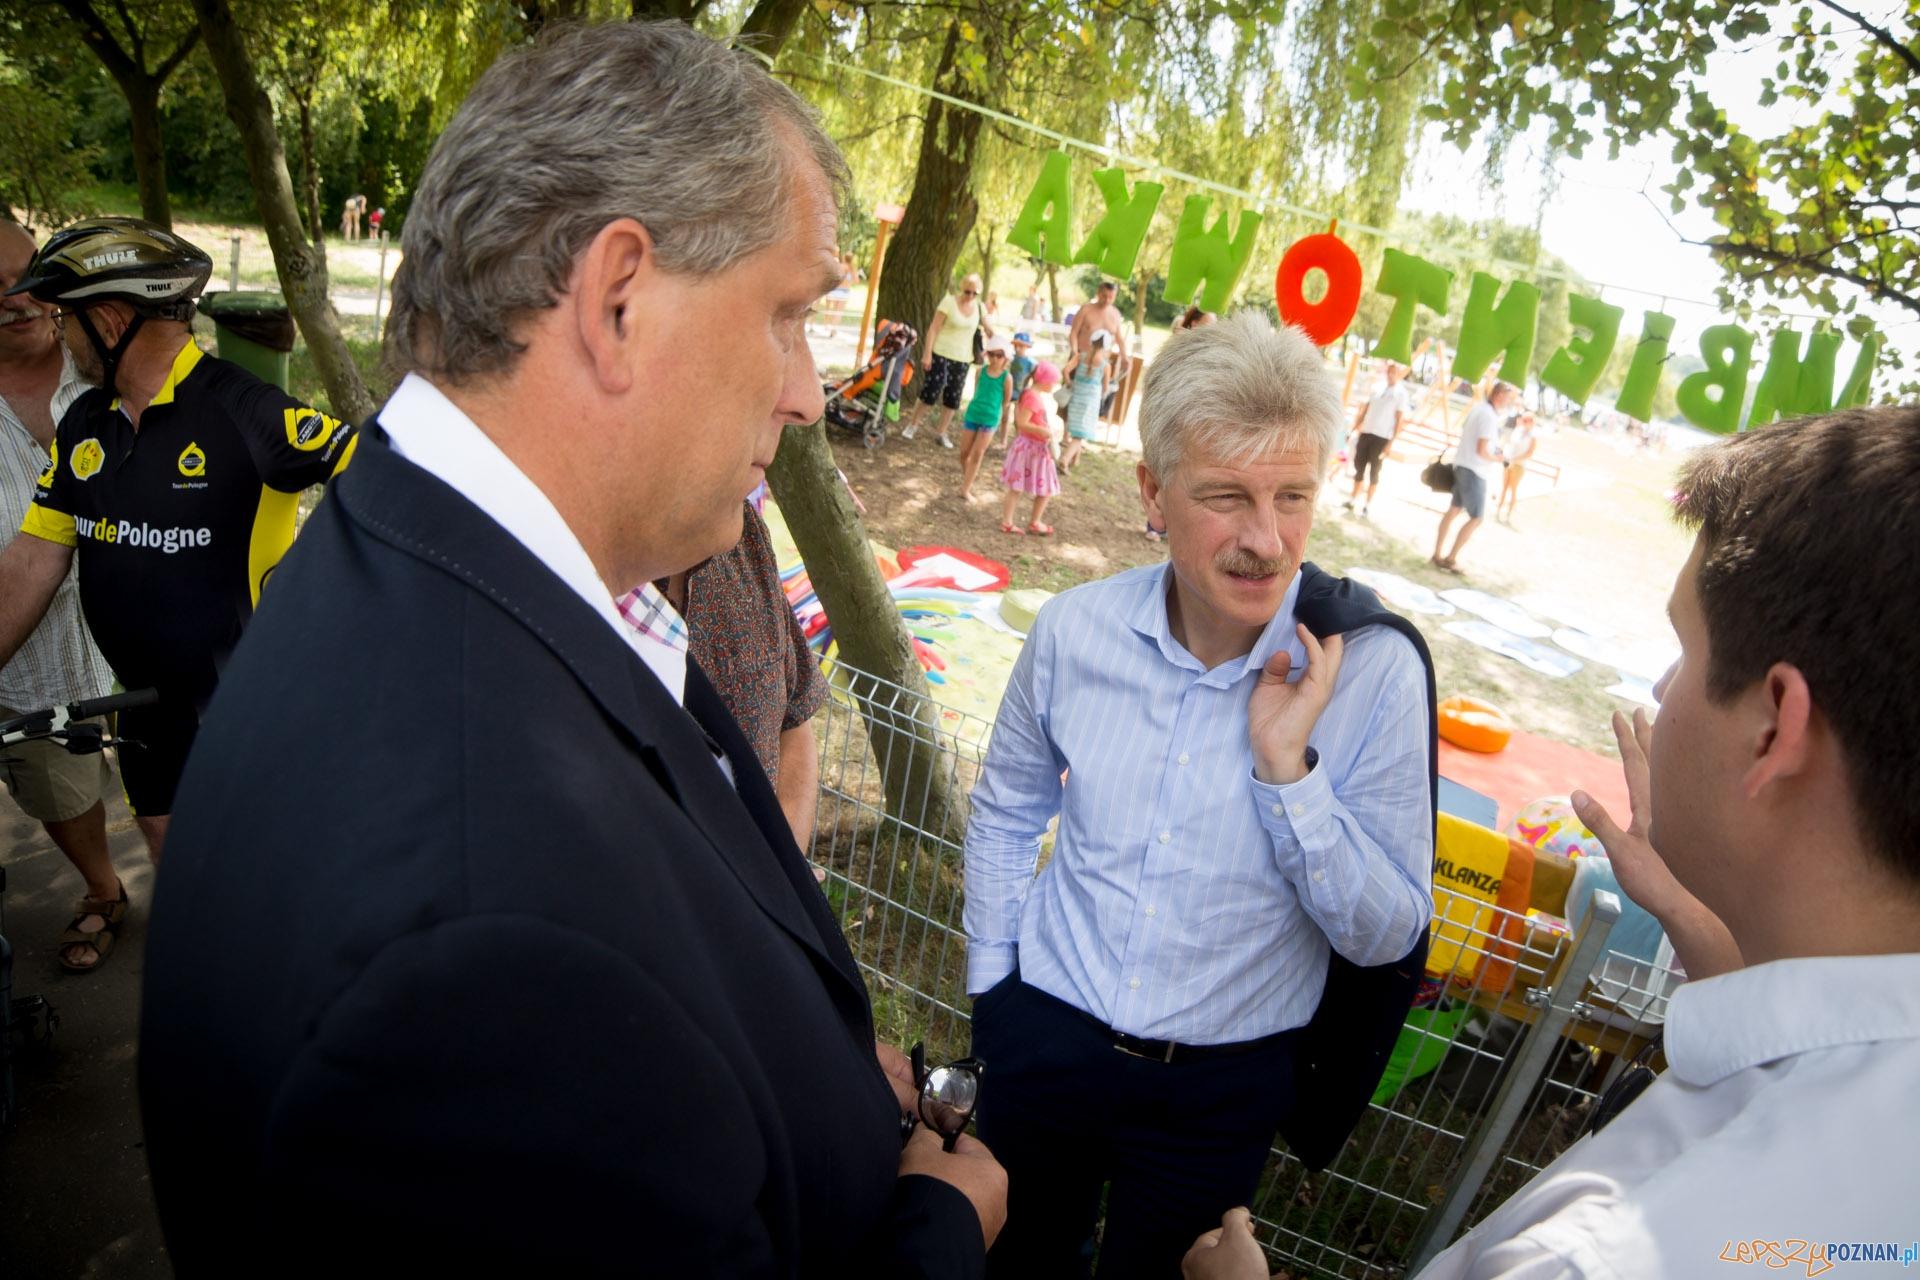 Prezydent Grobelny z gospodarską wizytą   Foto:  Piotr Bedliński